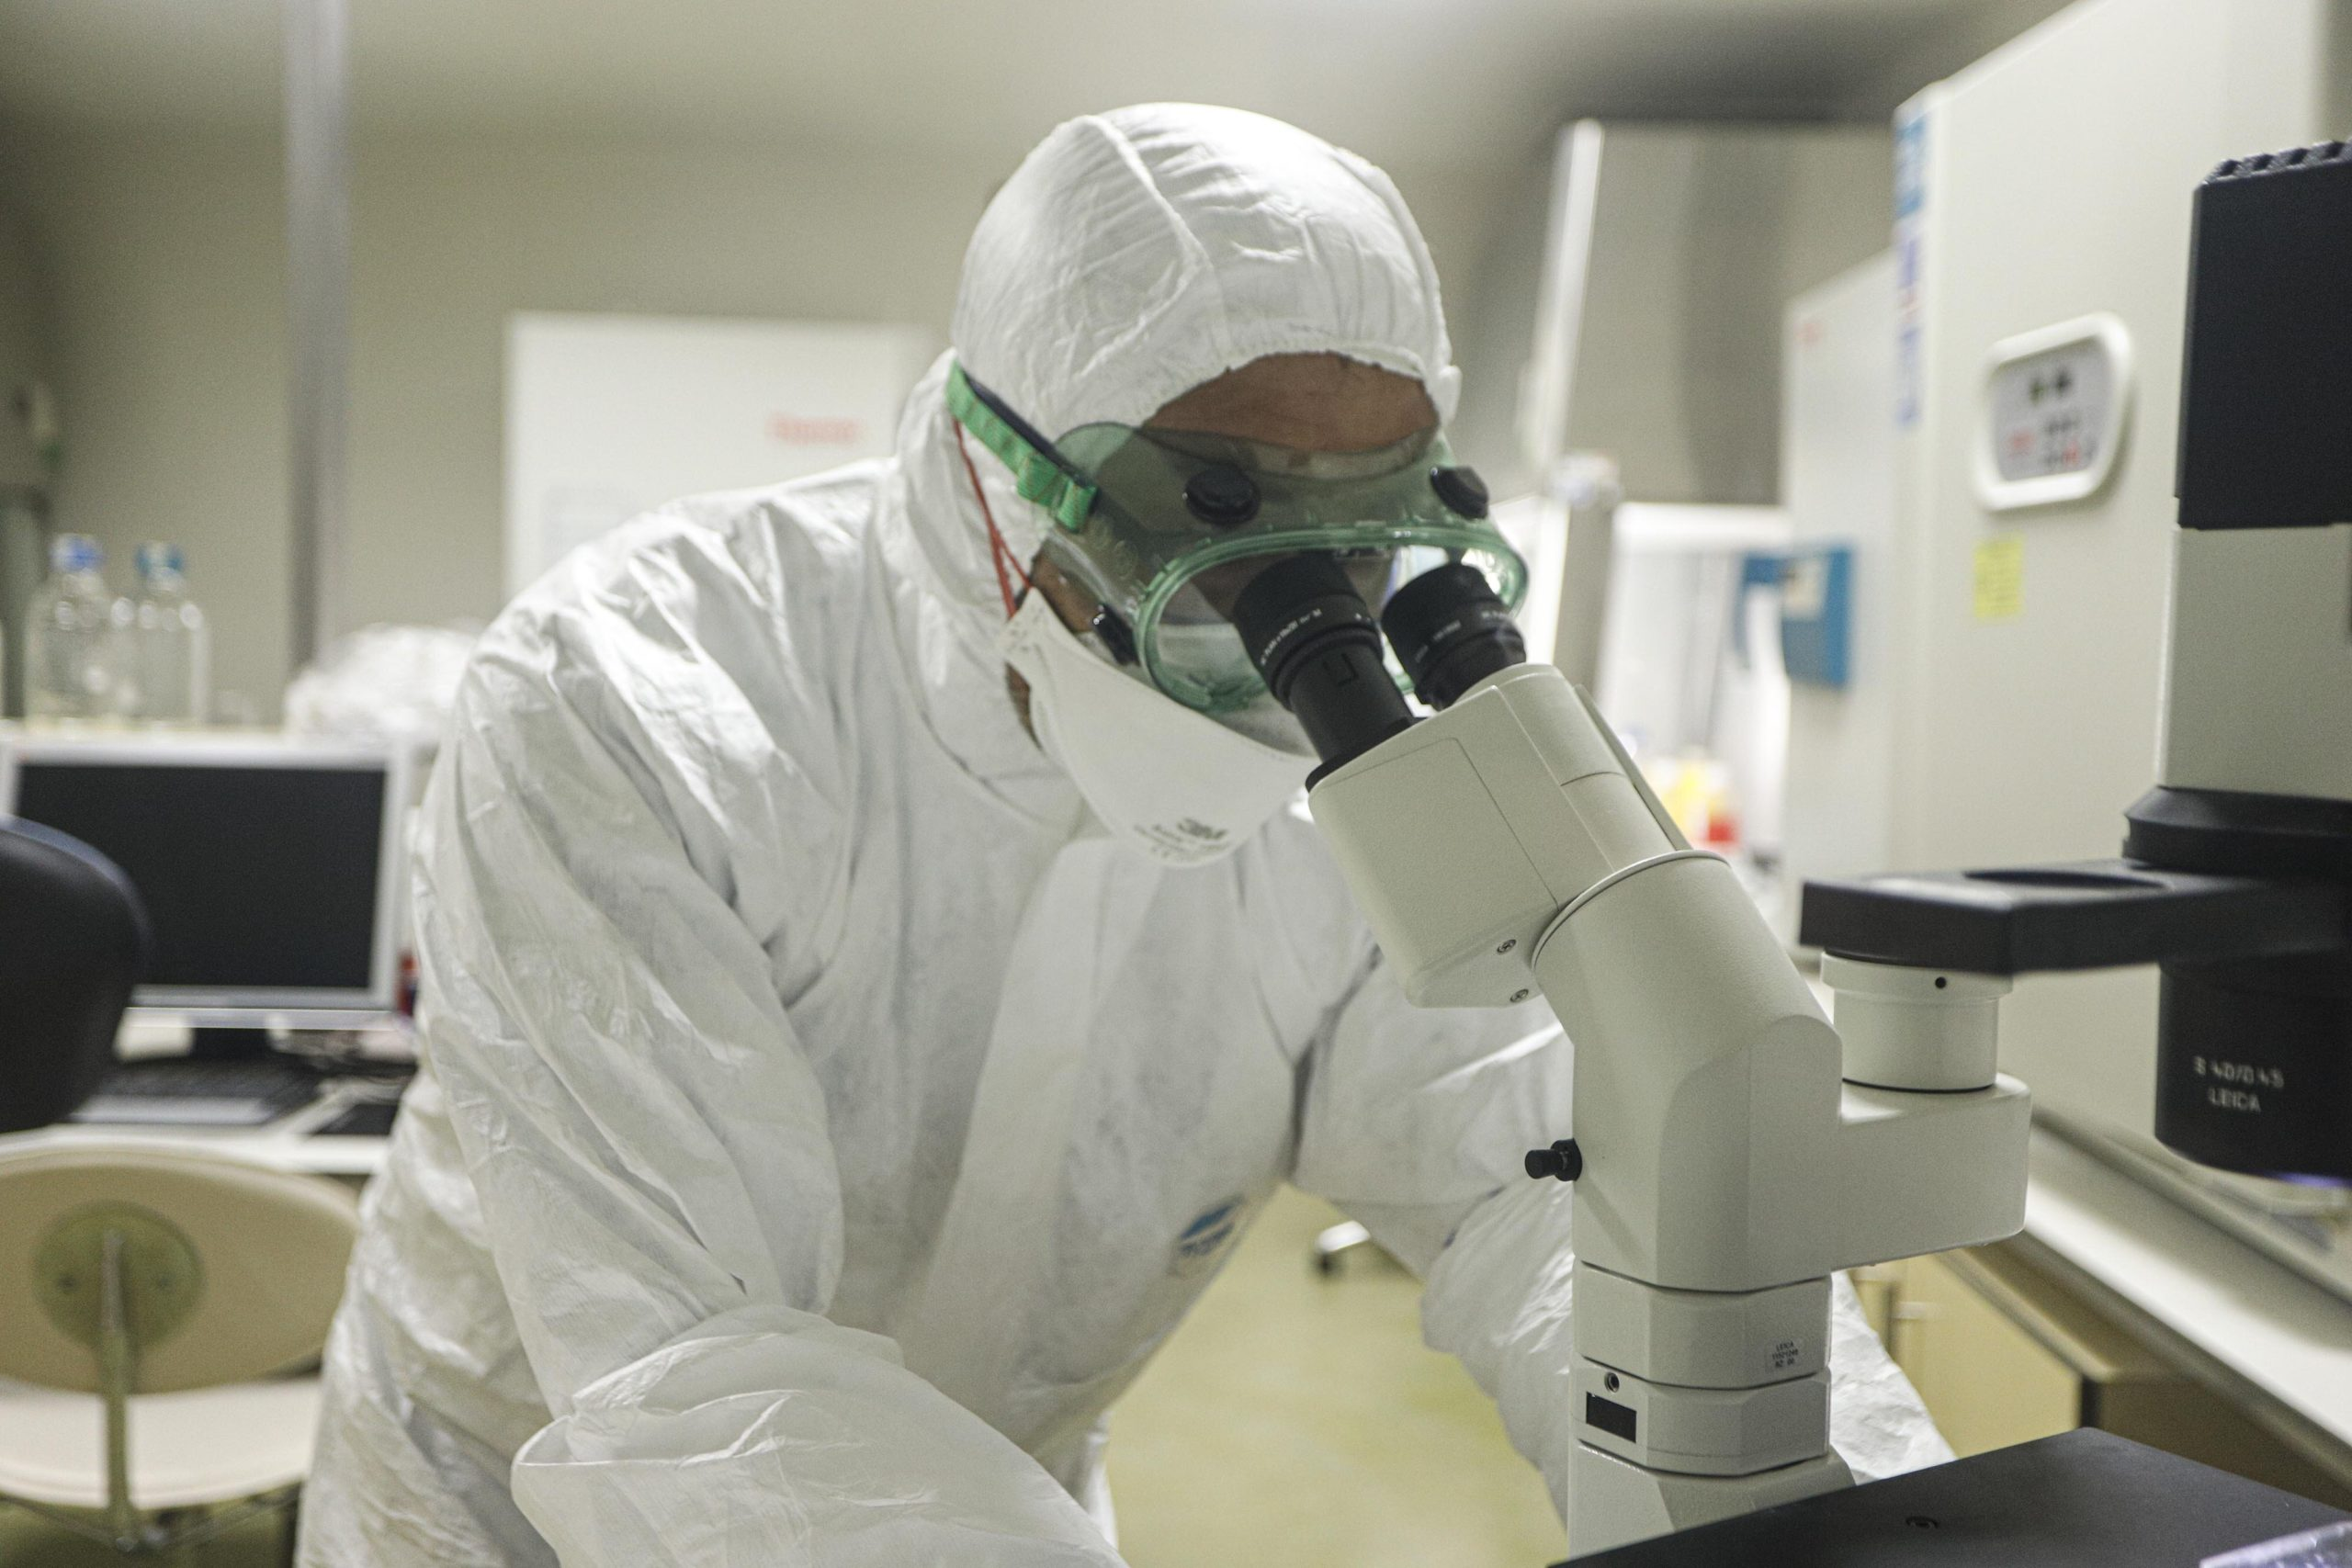 Türkiye ile Rusya Covid-19 aşısı için birlikte çalışma kararı aldıklarını duyurdu.